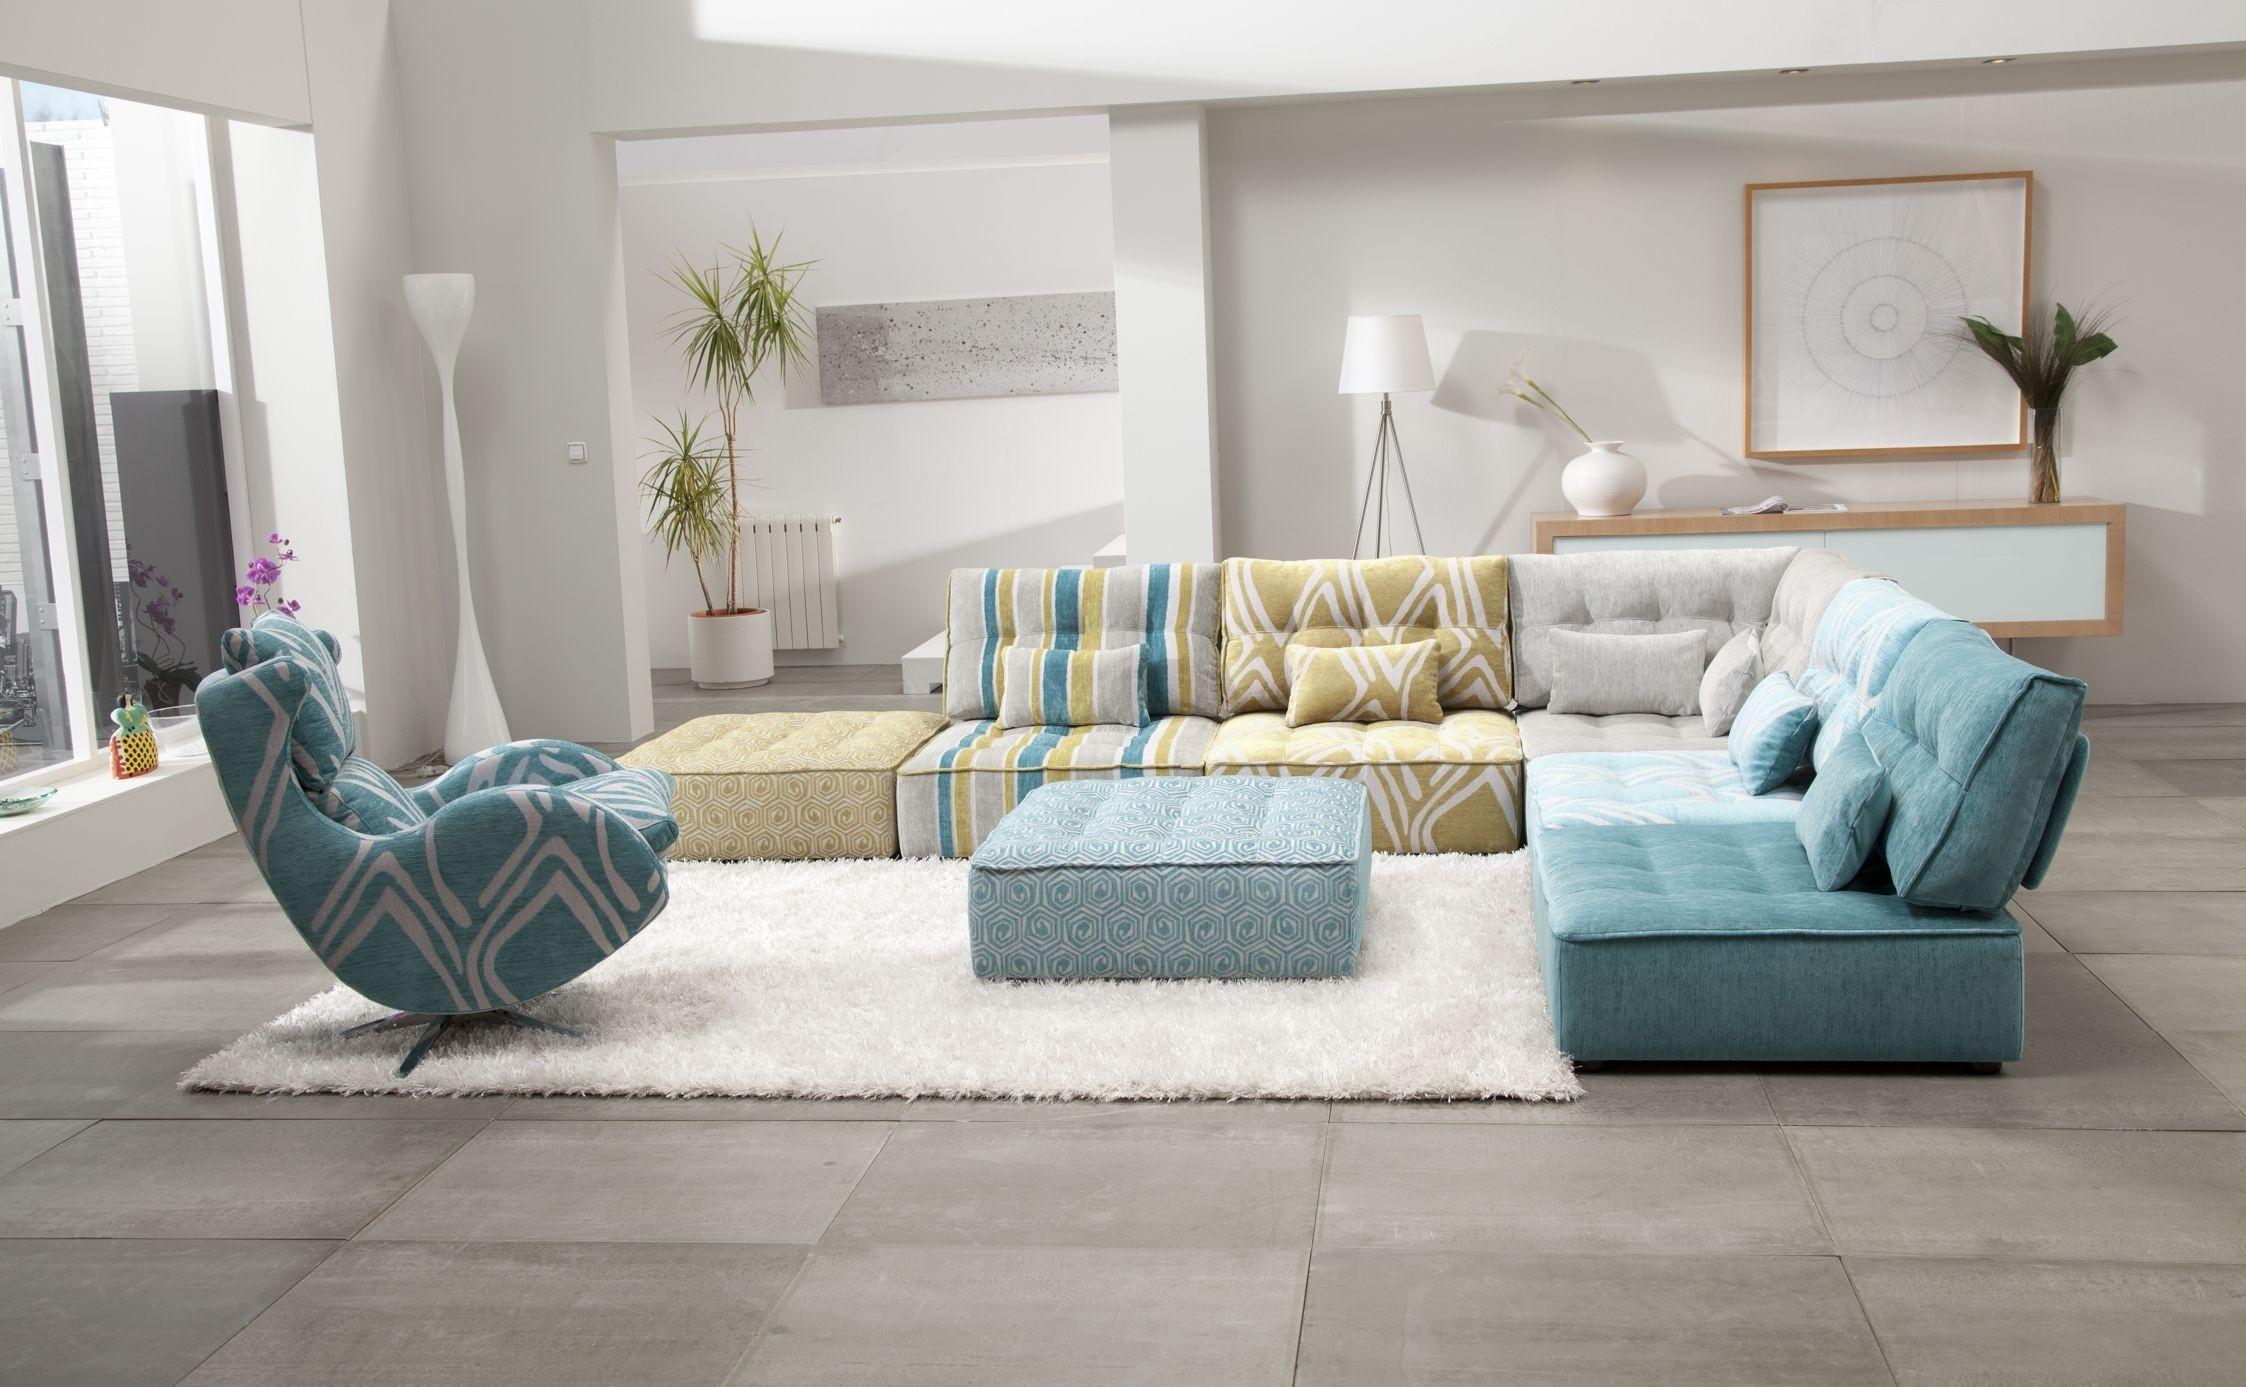 Arianne Modern Modular Sectional Sofa | Fama Sofas For Modular Sectional Sofas (View 3 of 10)